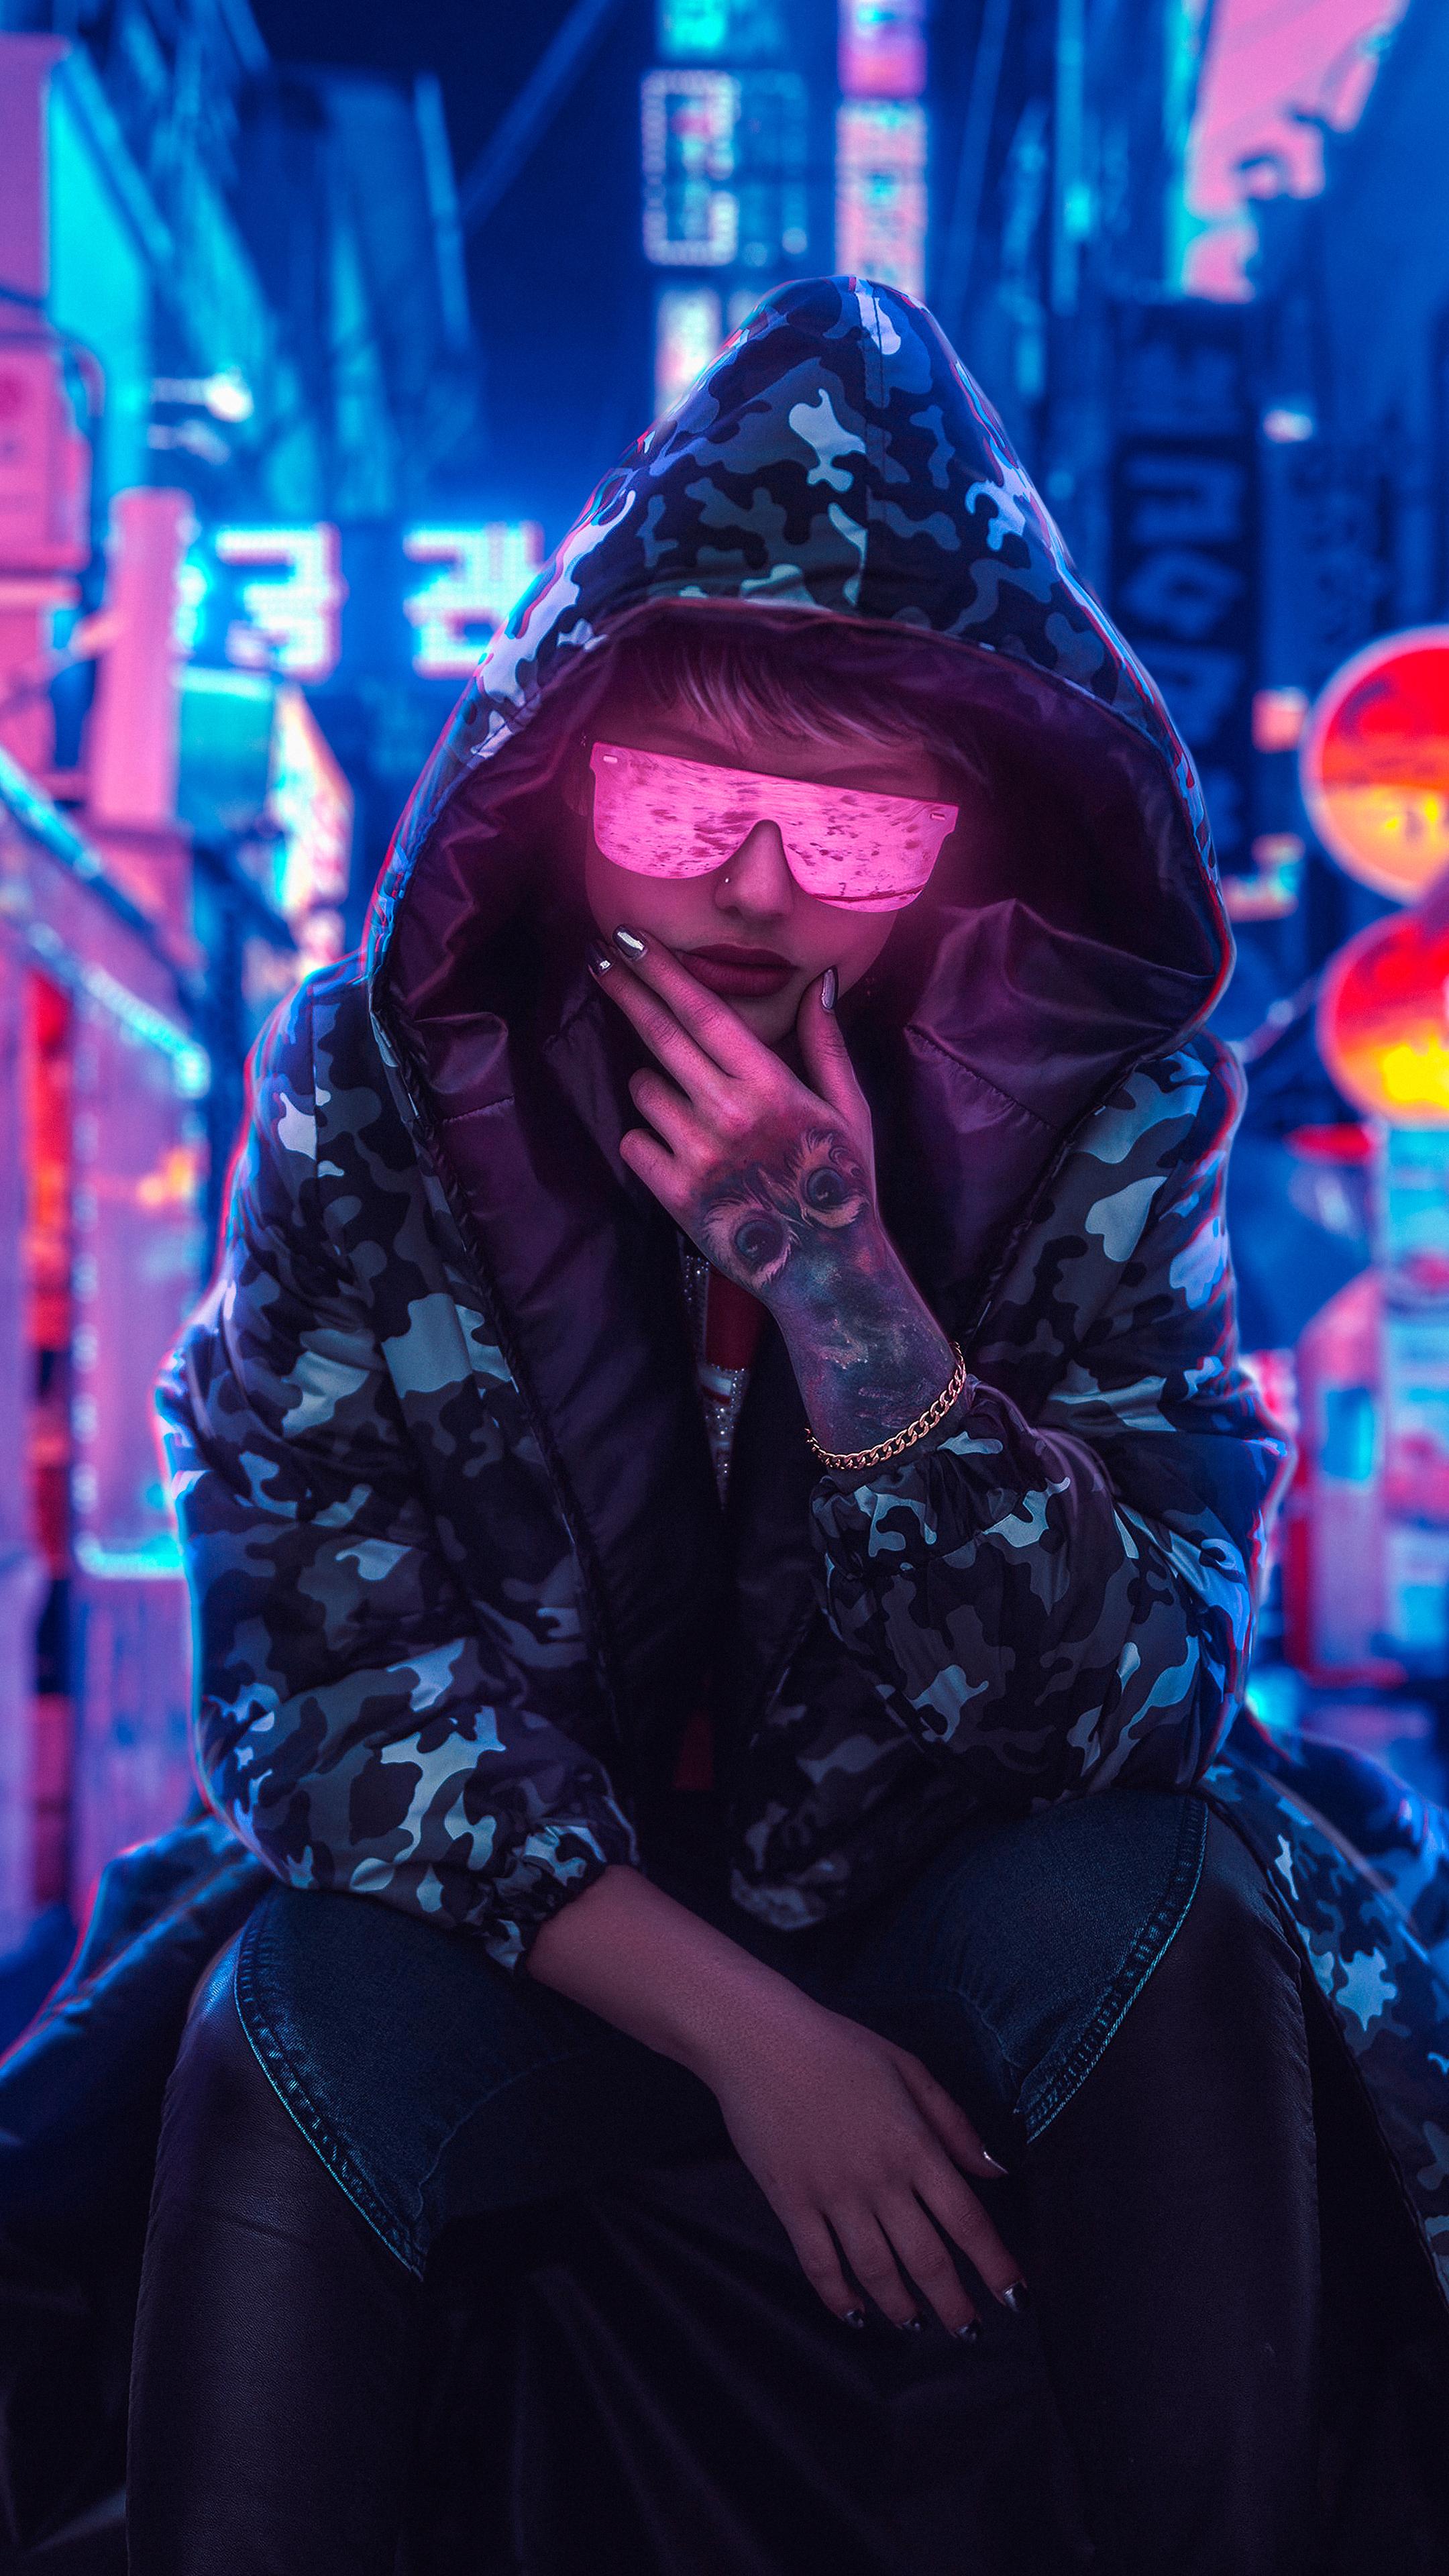 neon-glasses-girl-wearing-hoodie-3x.jpg